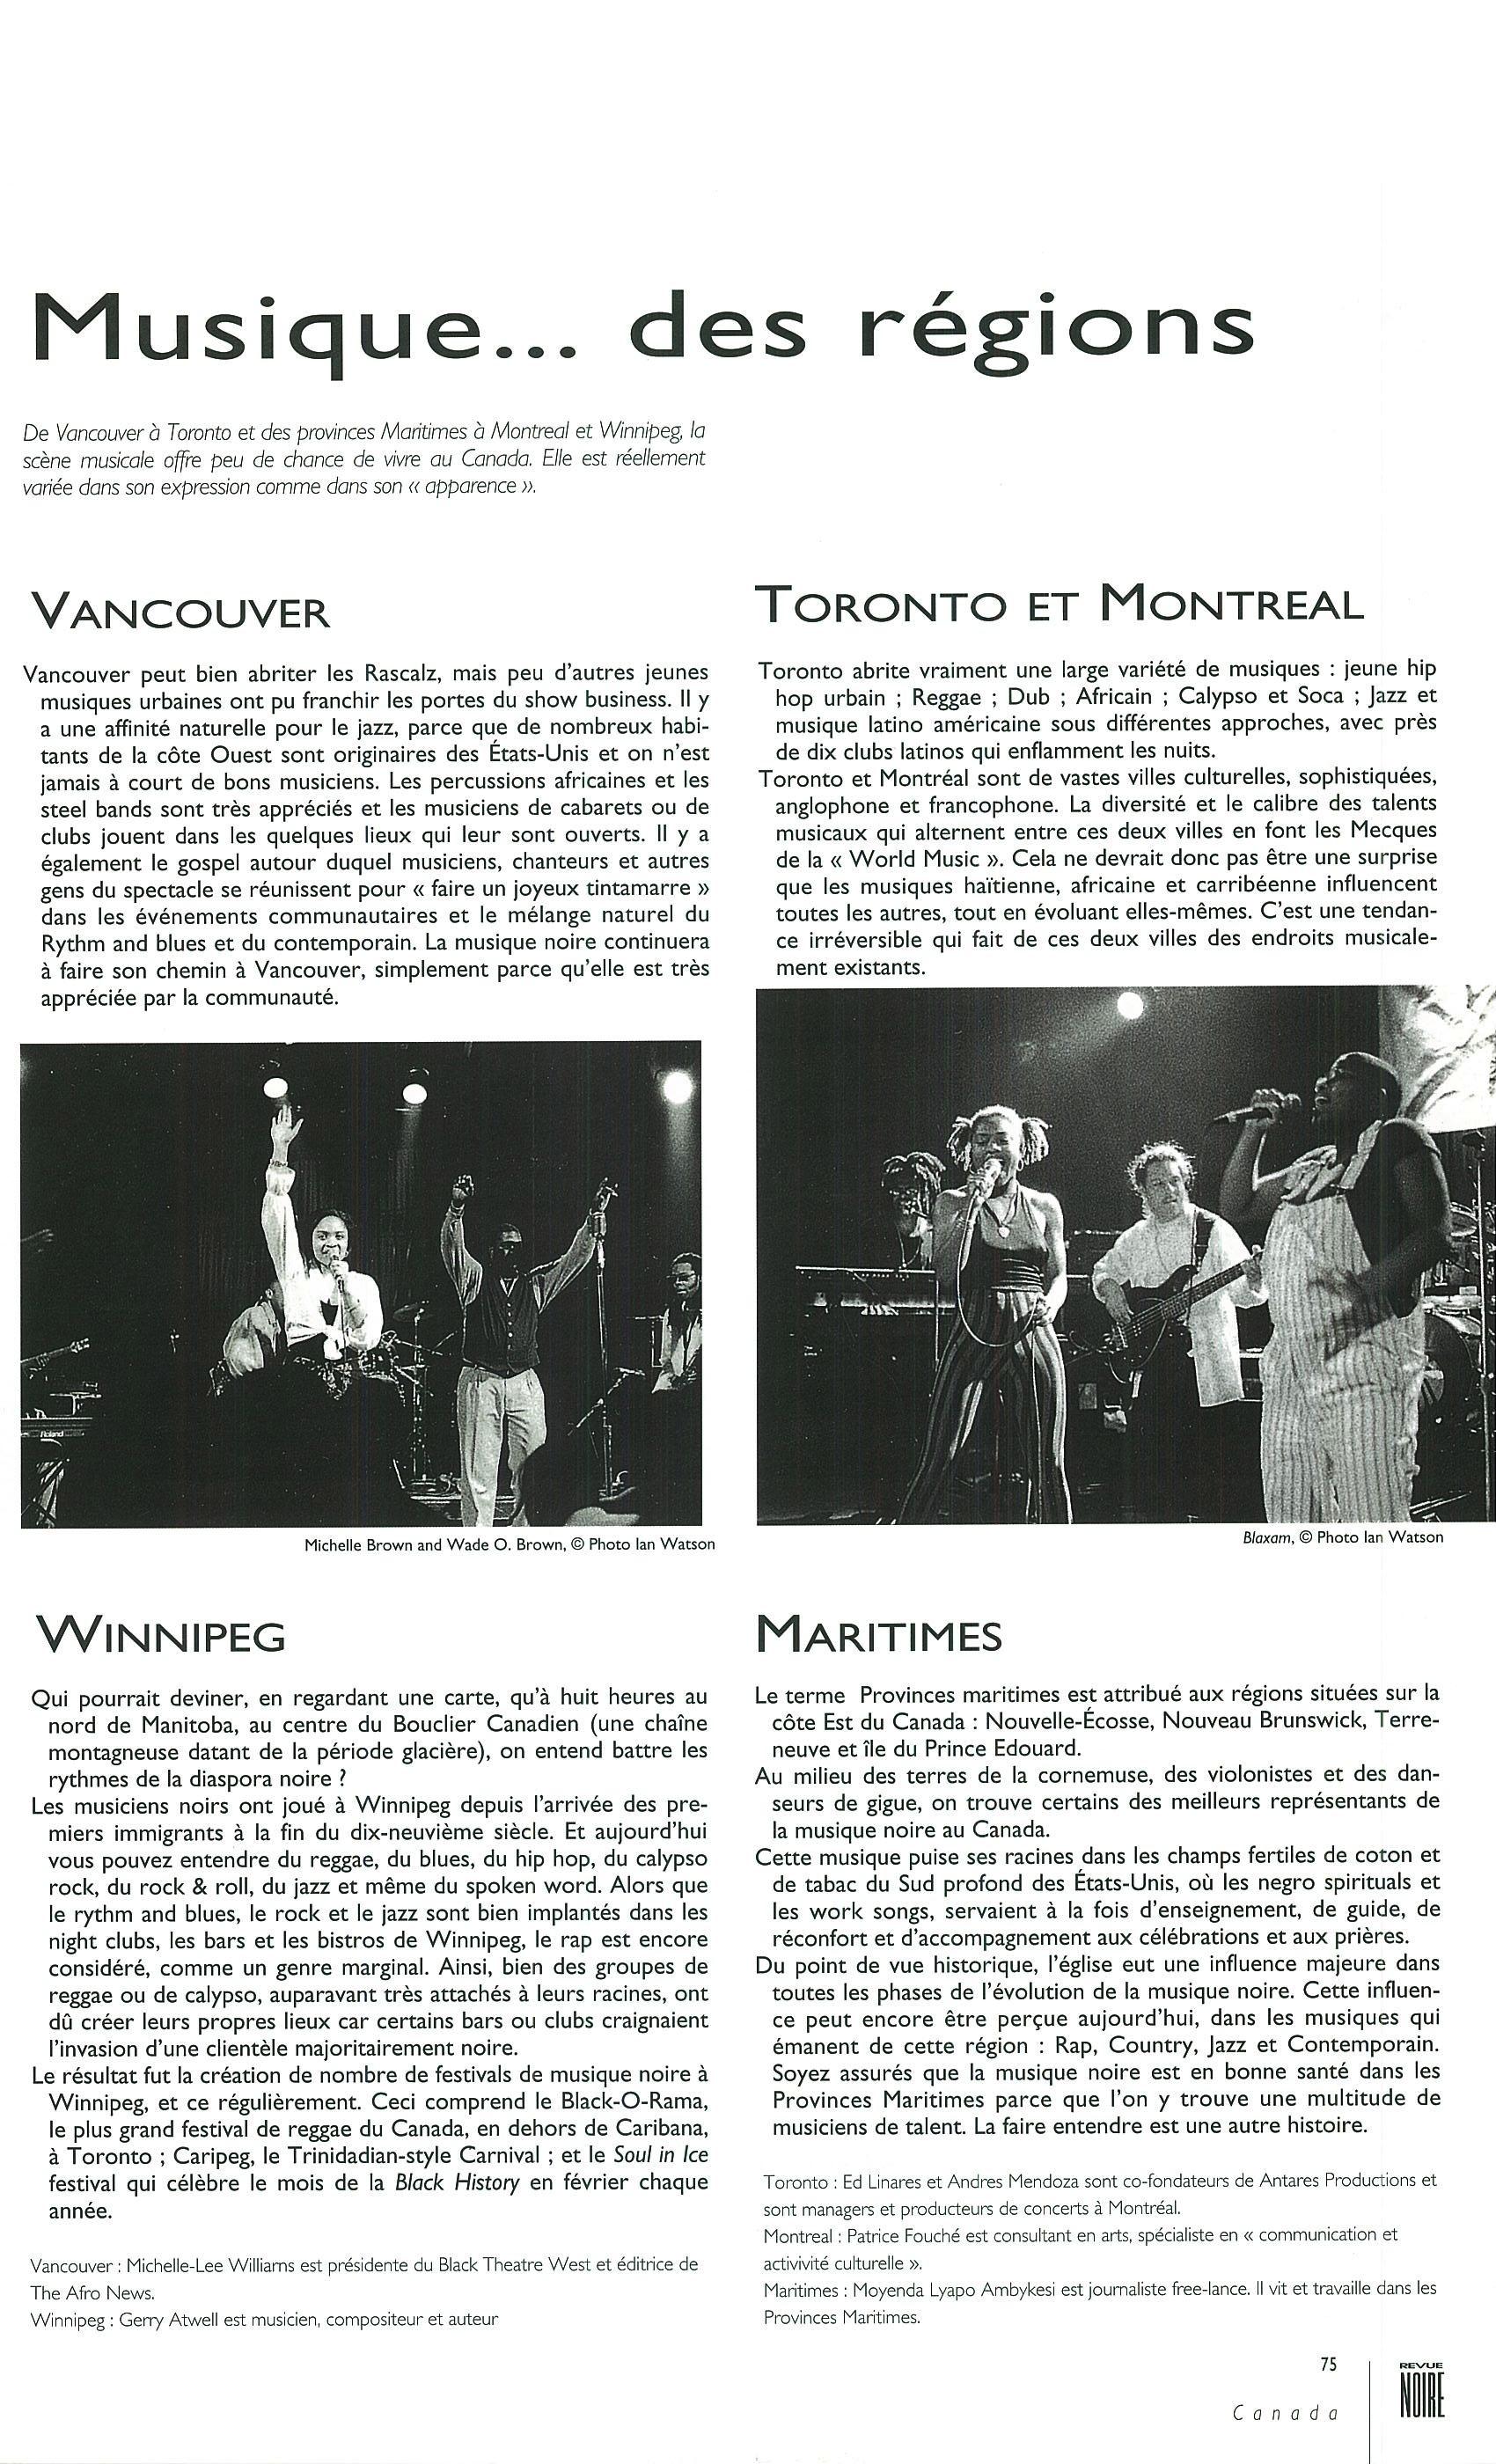 2. Revue Noire book_Page_077